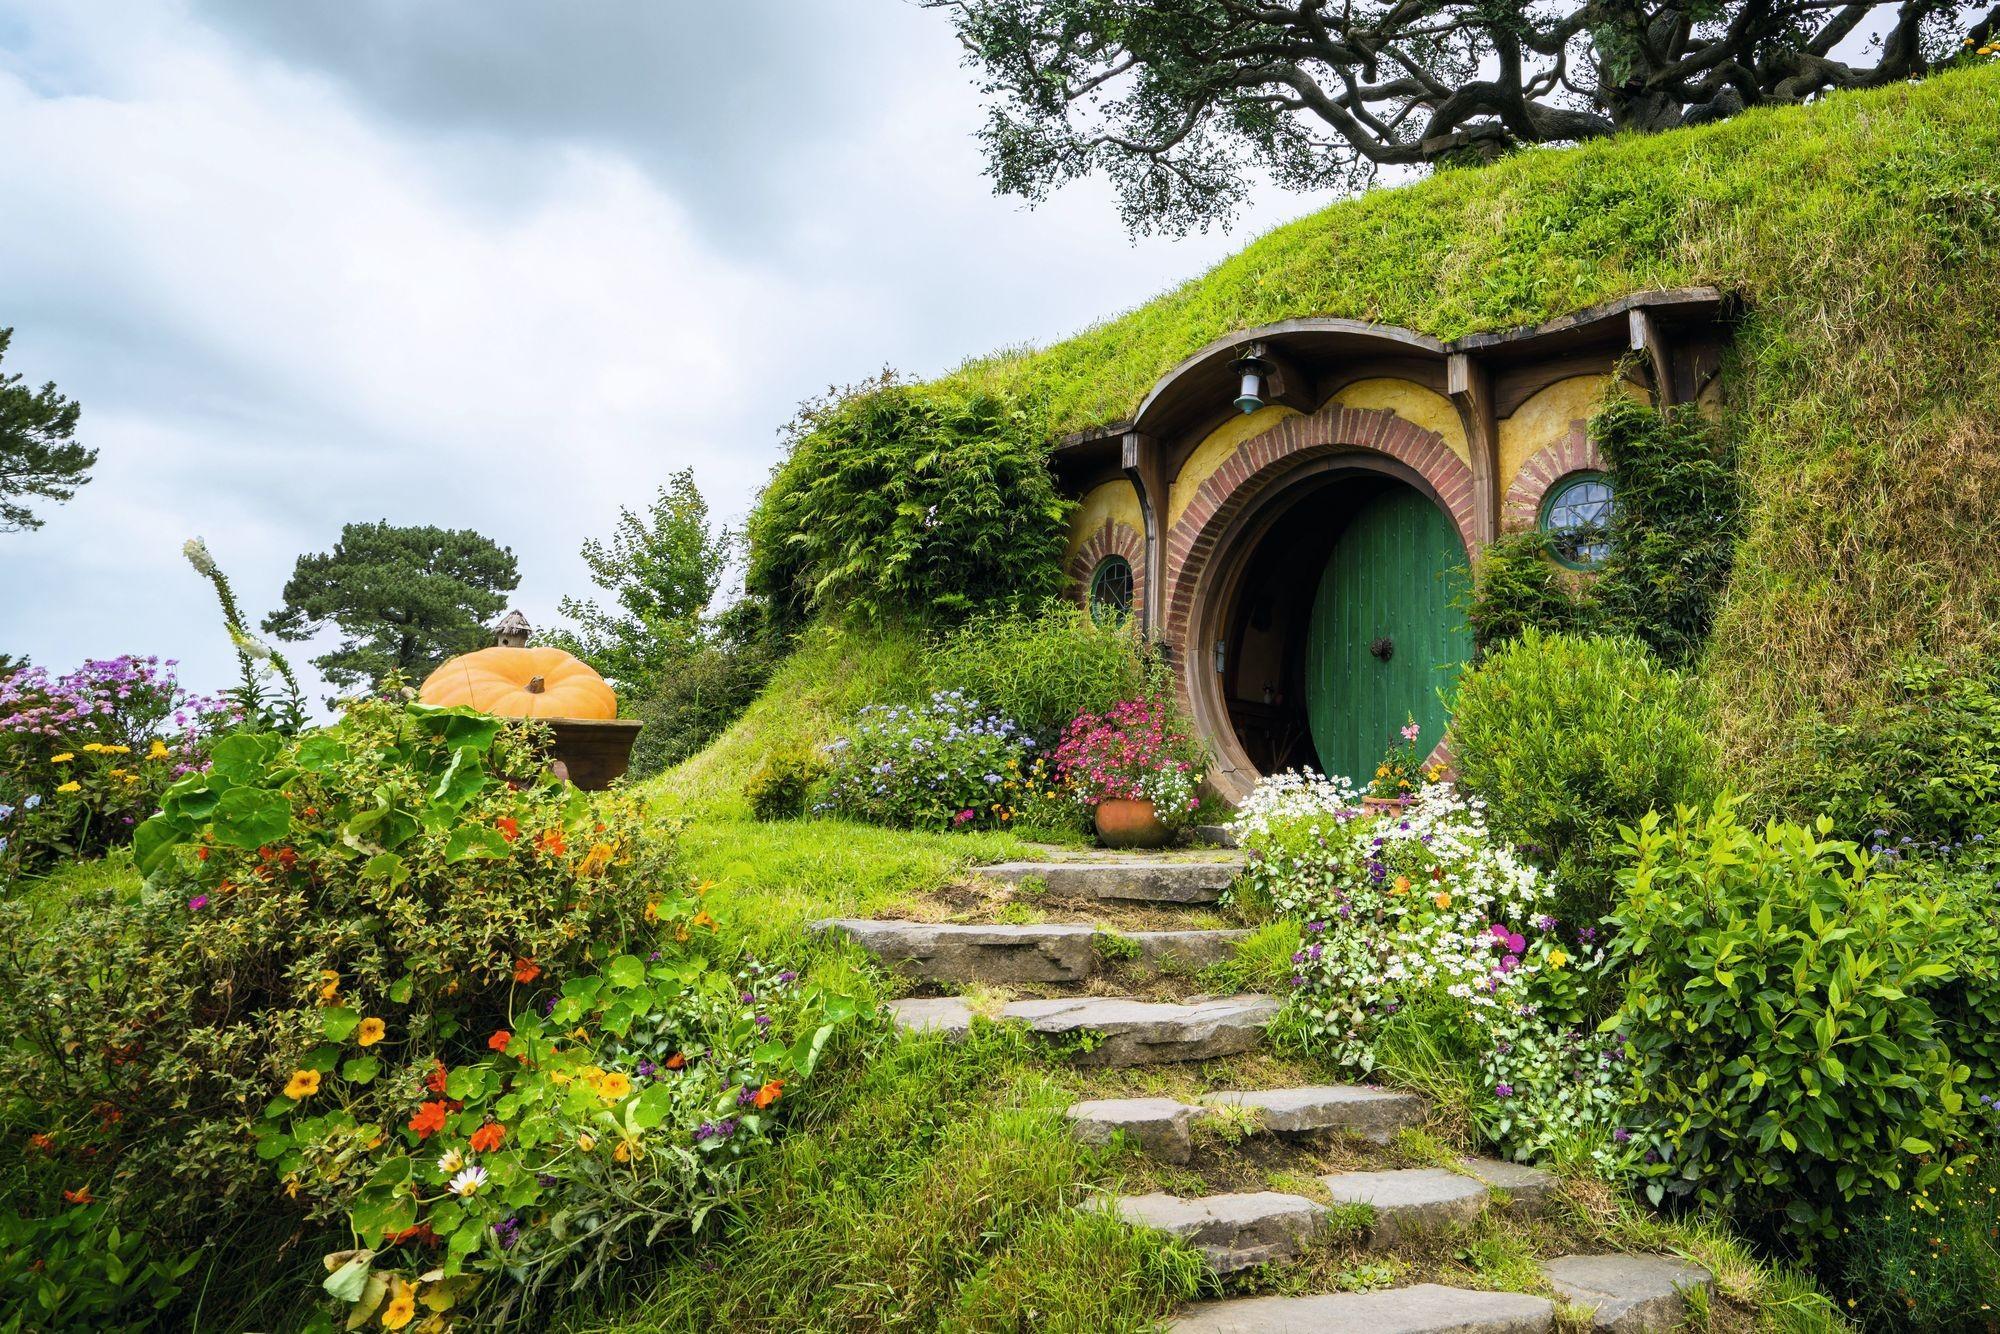 le village du hobbit en Nouvelle-Zélande